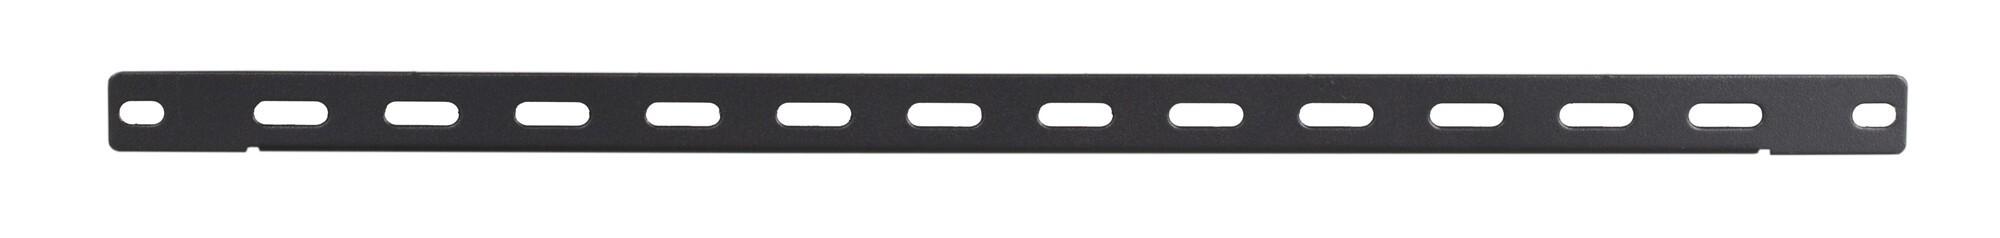 Afbeelding van 1U 19 inch metalen rail voor kabelbinders